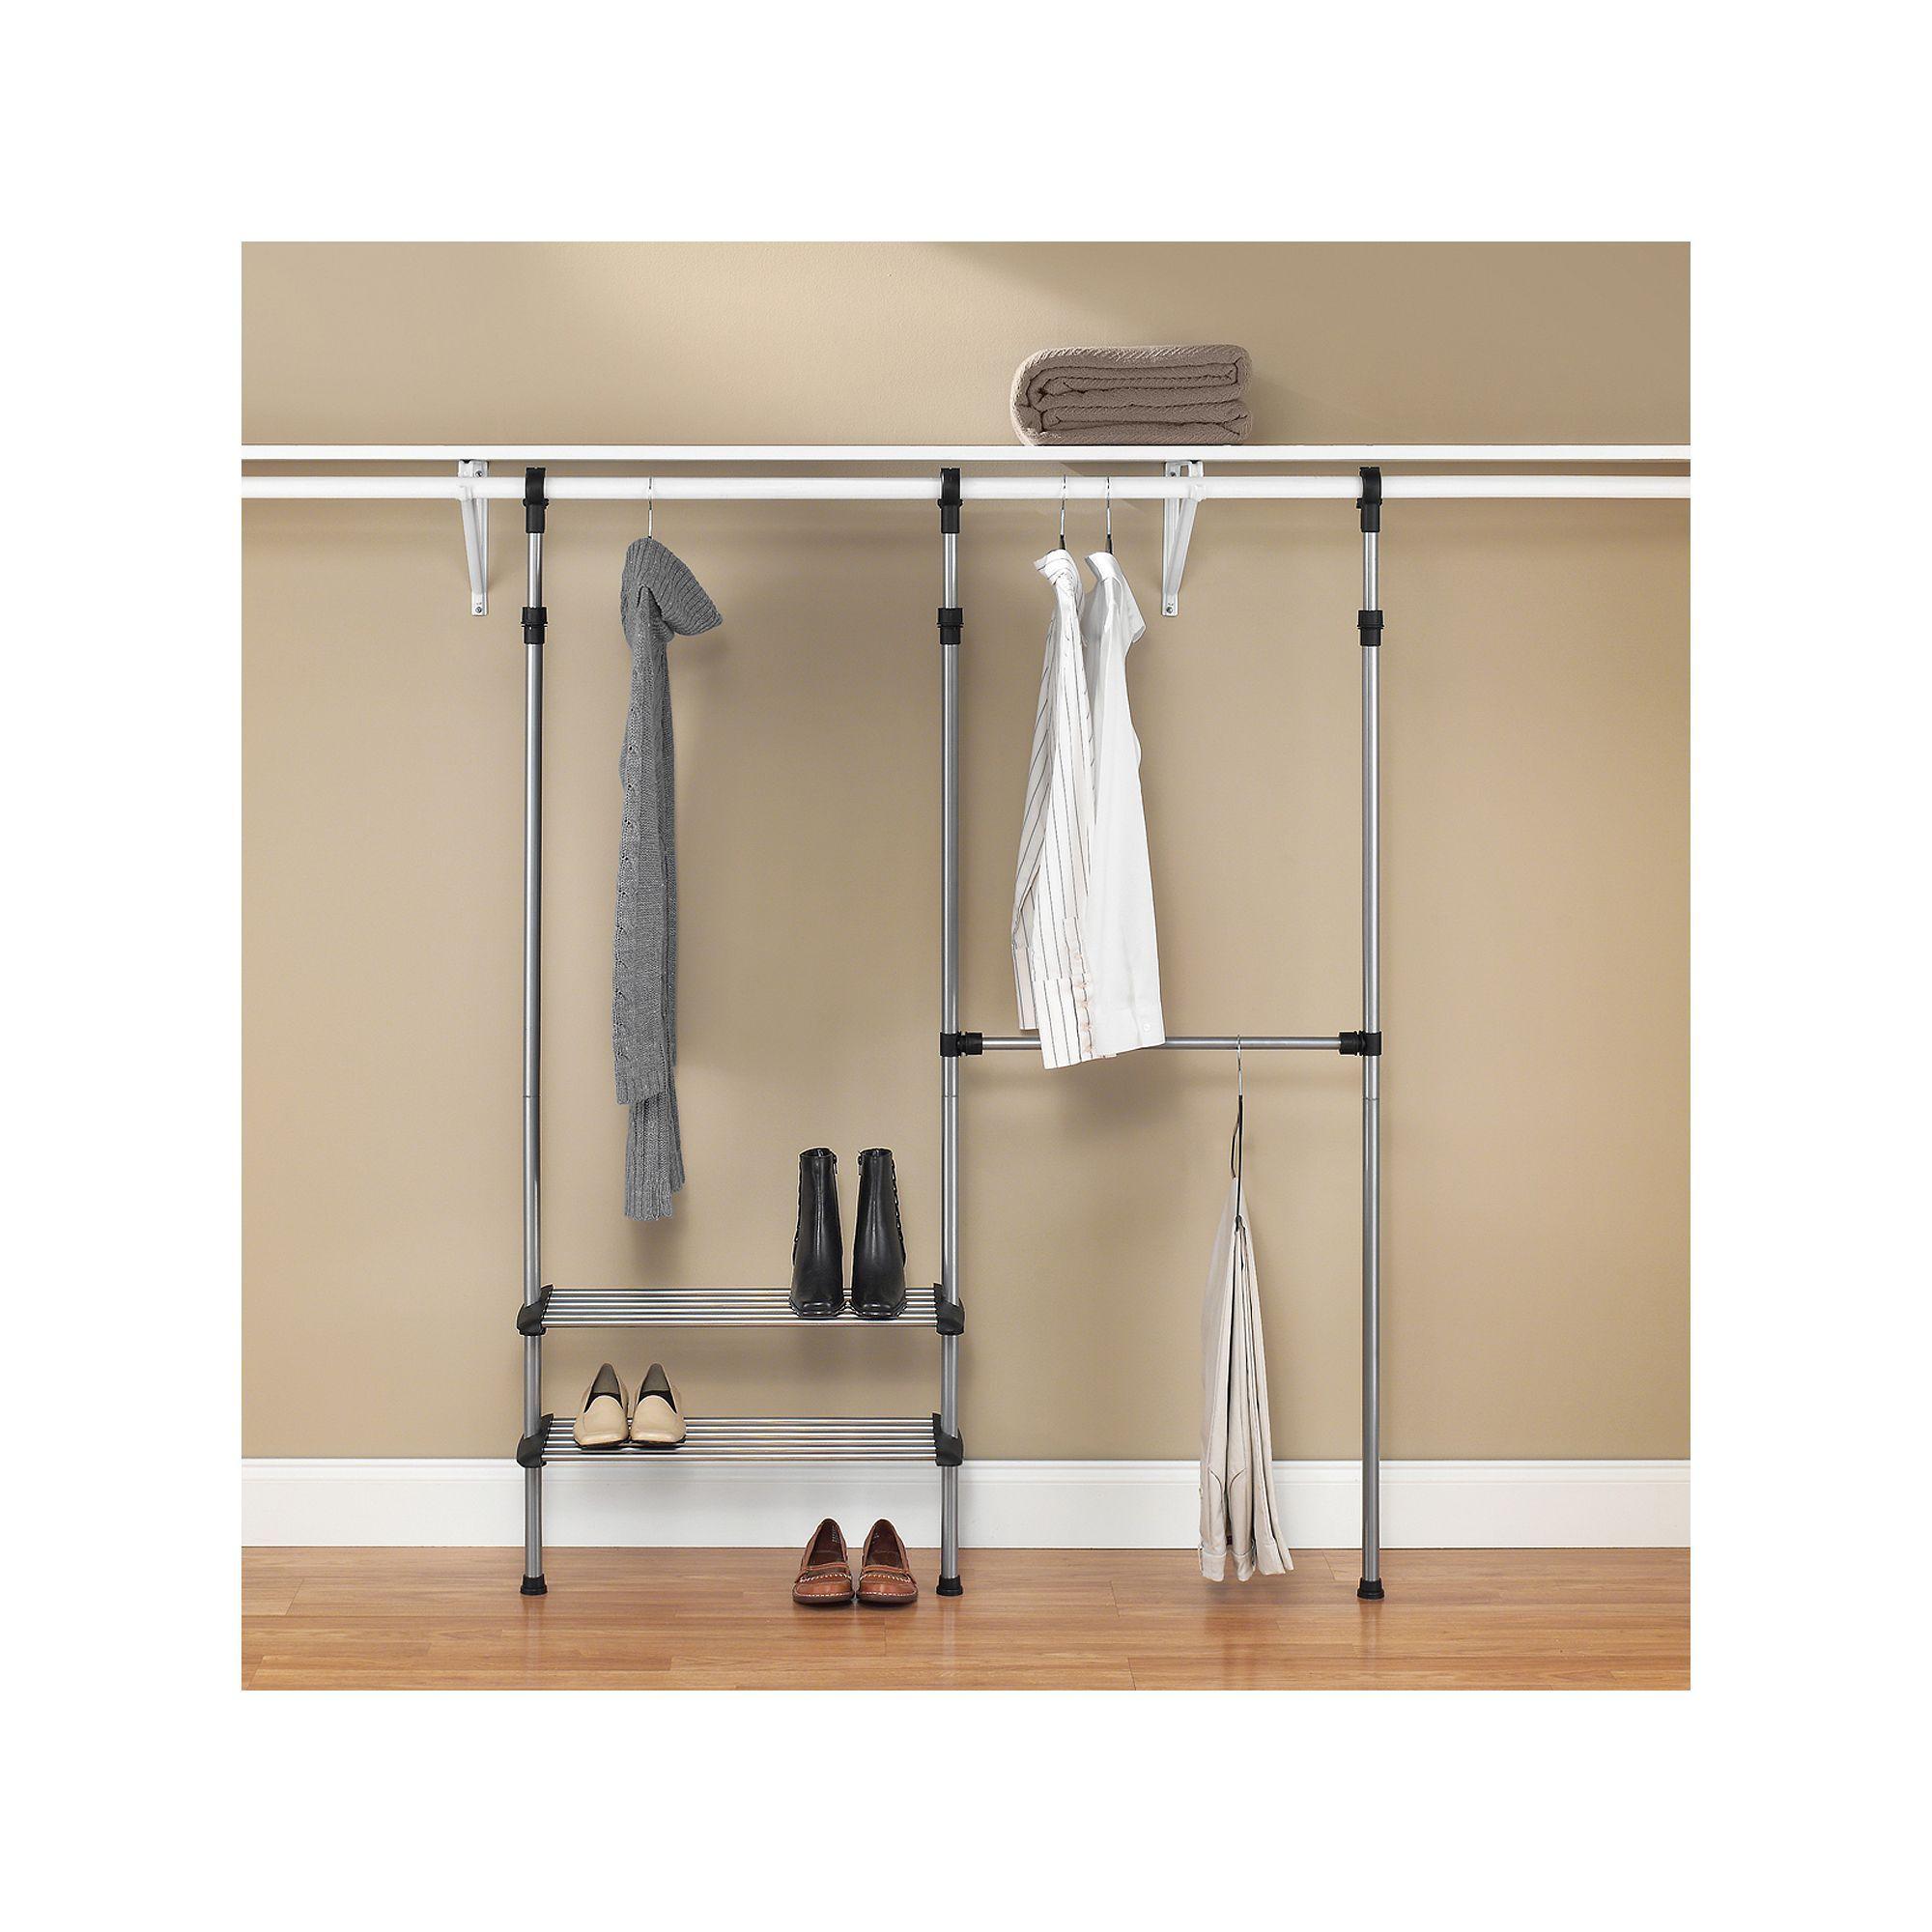 Whitmor Closet Rod Closet System Closet System Closet Rod Dorm Room Organization